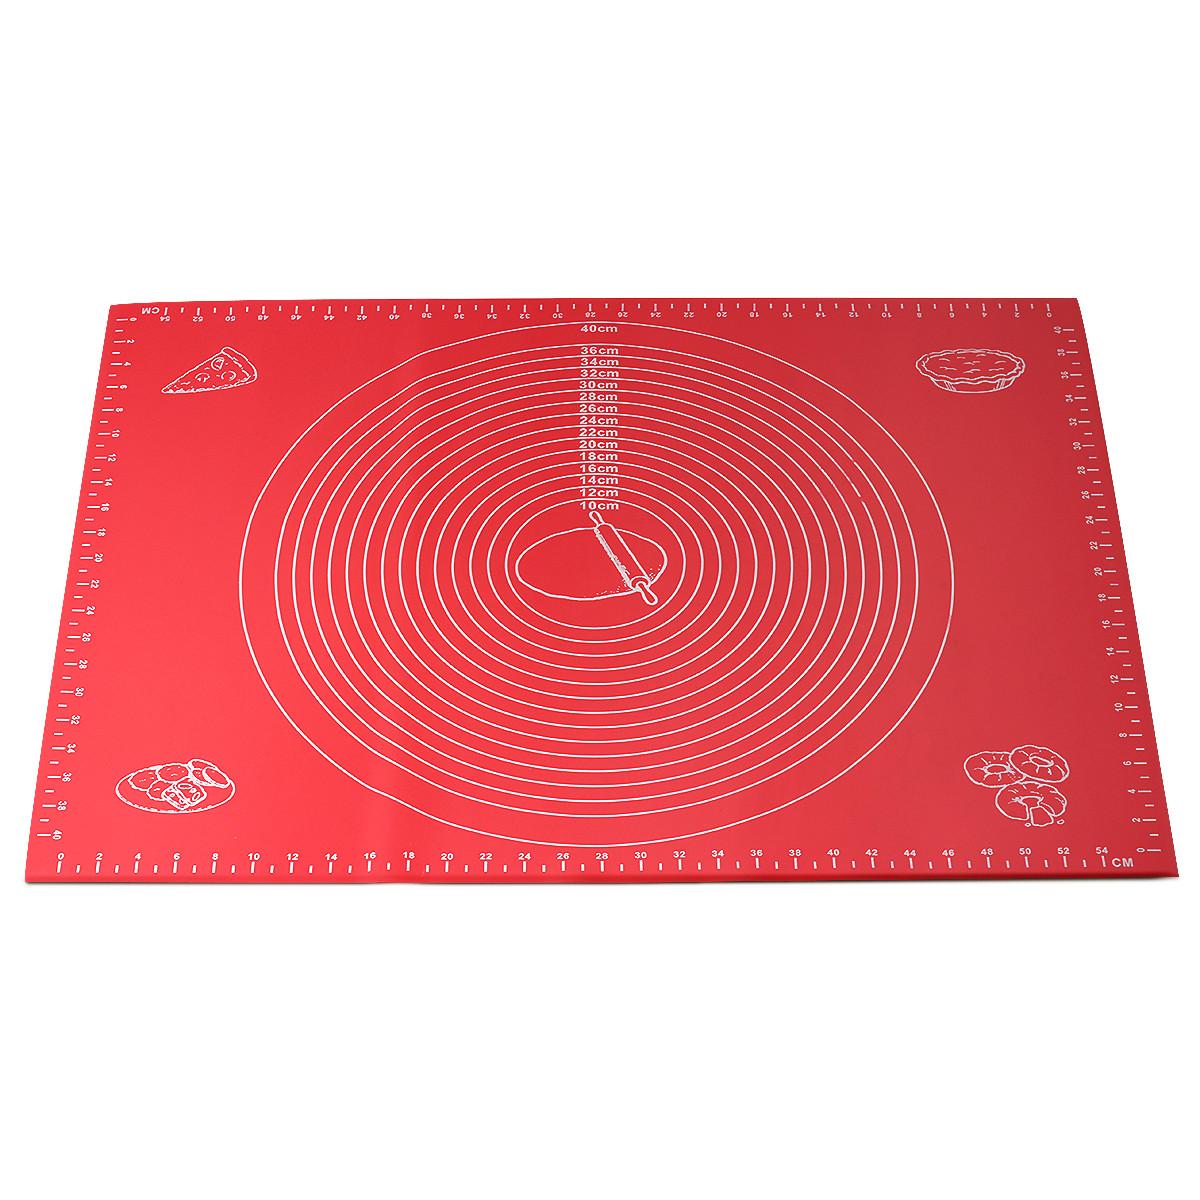 Коврик силиконовый Kamille 60х45 см для раскатки теста и выпечки KM-7786